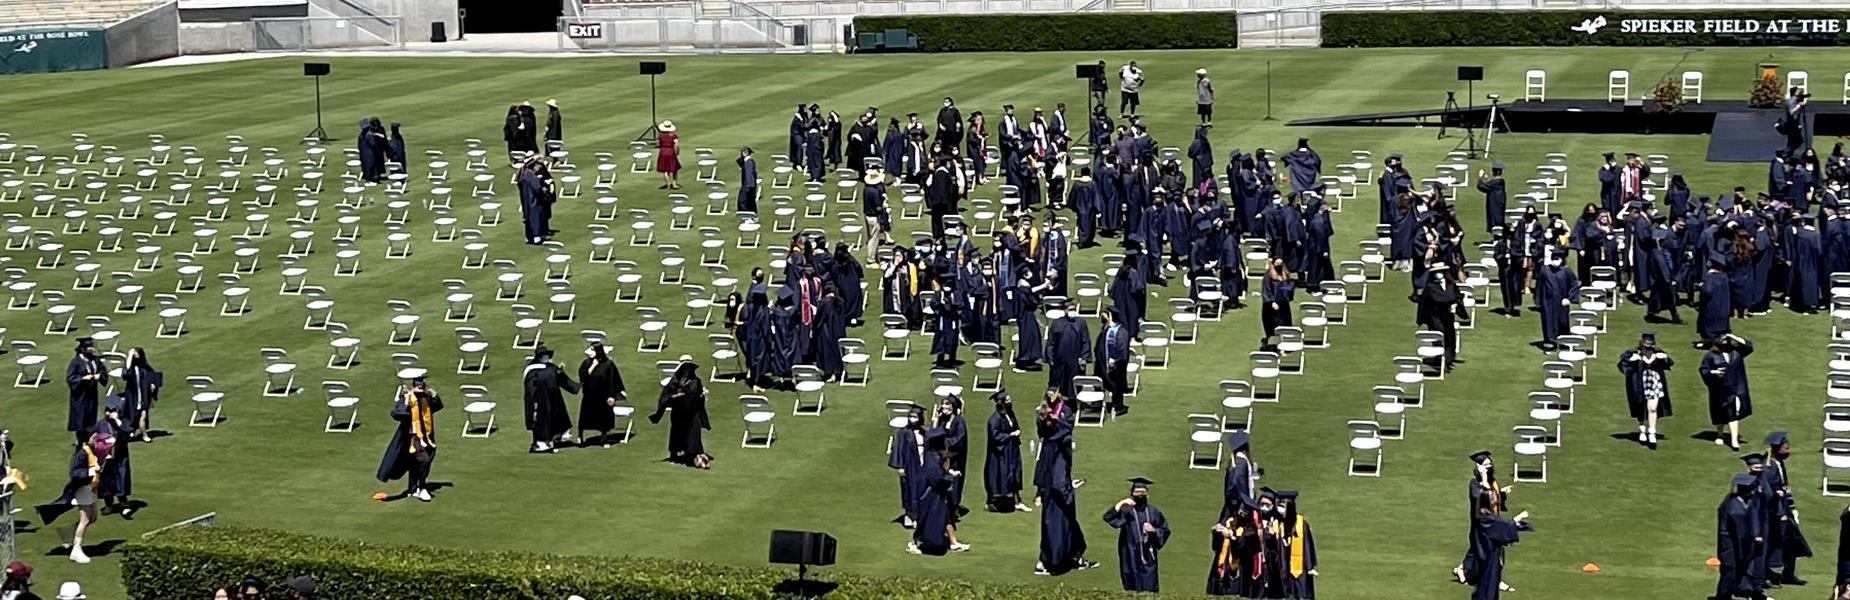 Graduation at the Rose Bowl - May 27, 2021 (courtesy of A. Chang)